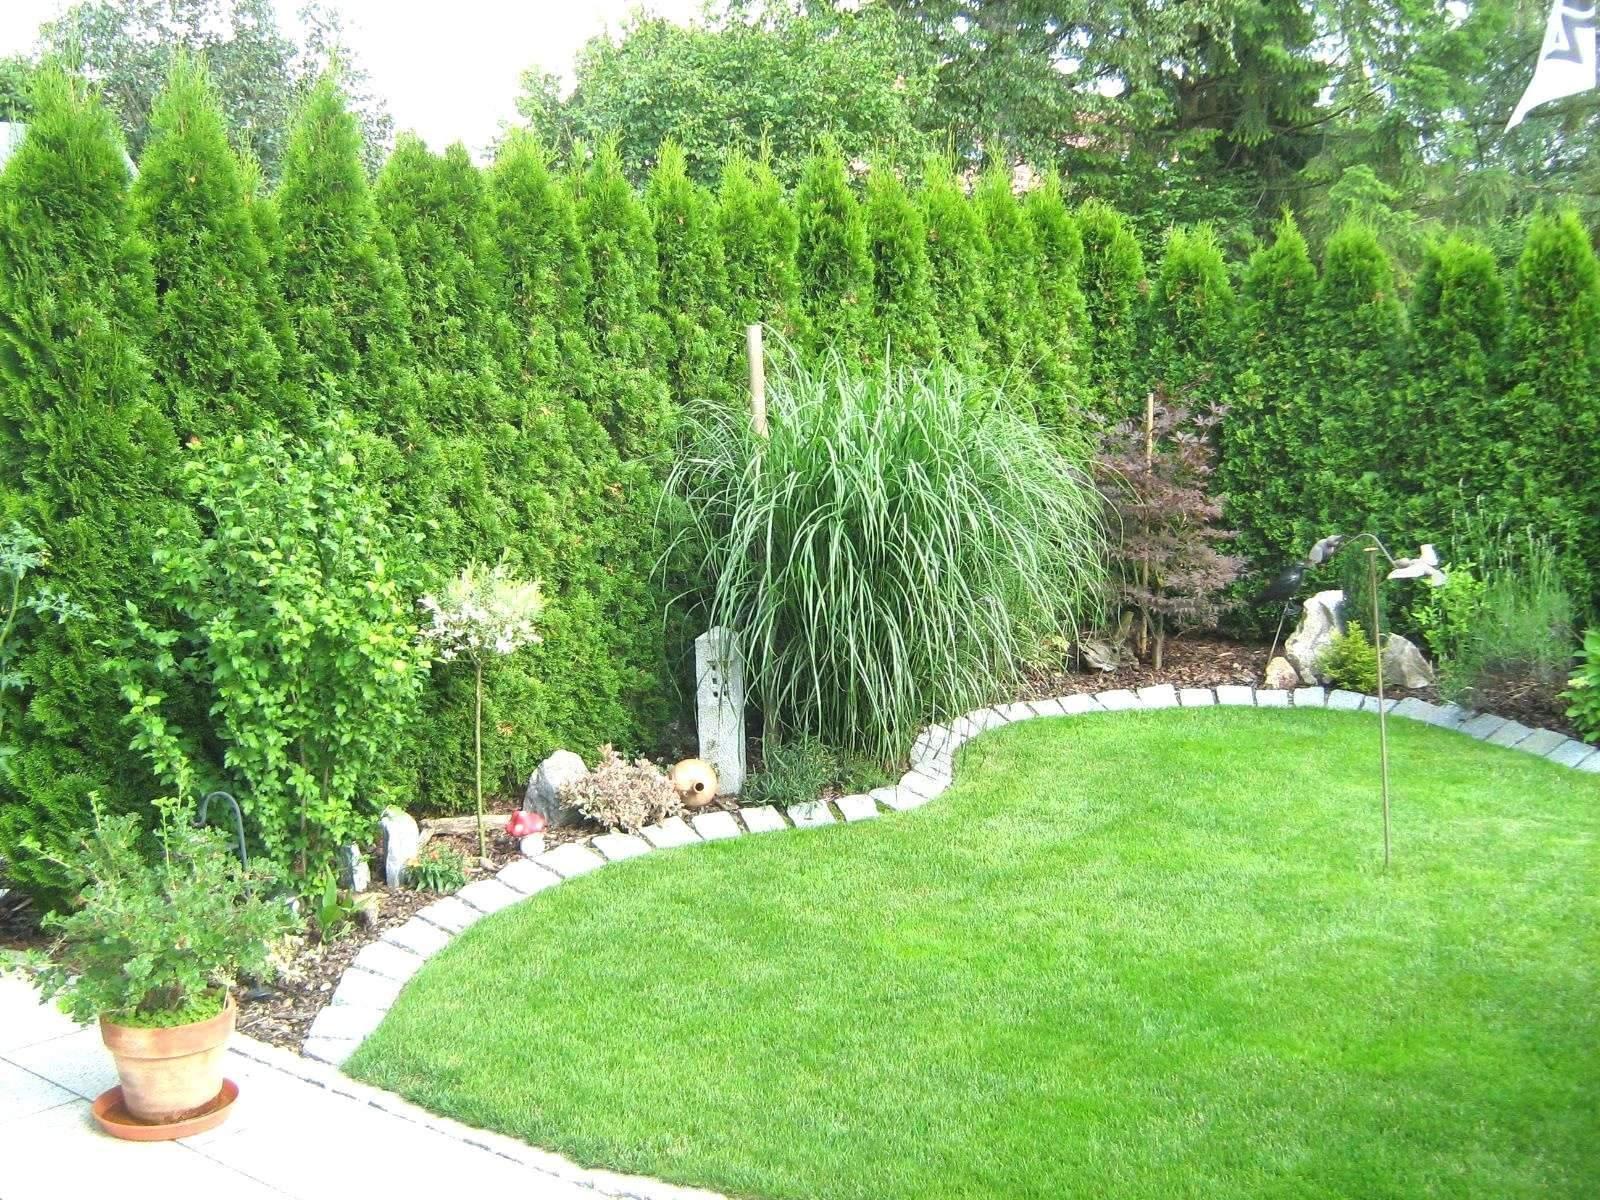 Garten Tipps Frisch Garten Tipps Elegant 84 Inspirierend Wie Gestalte Ich Meinen